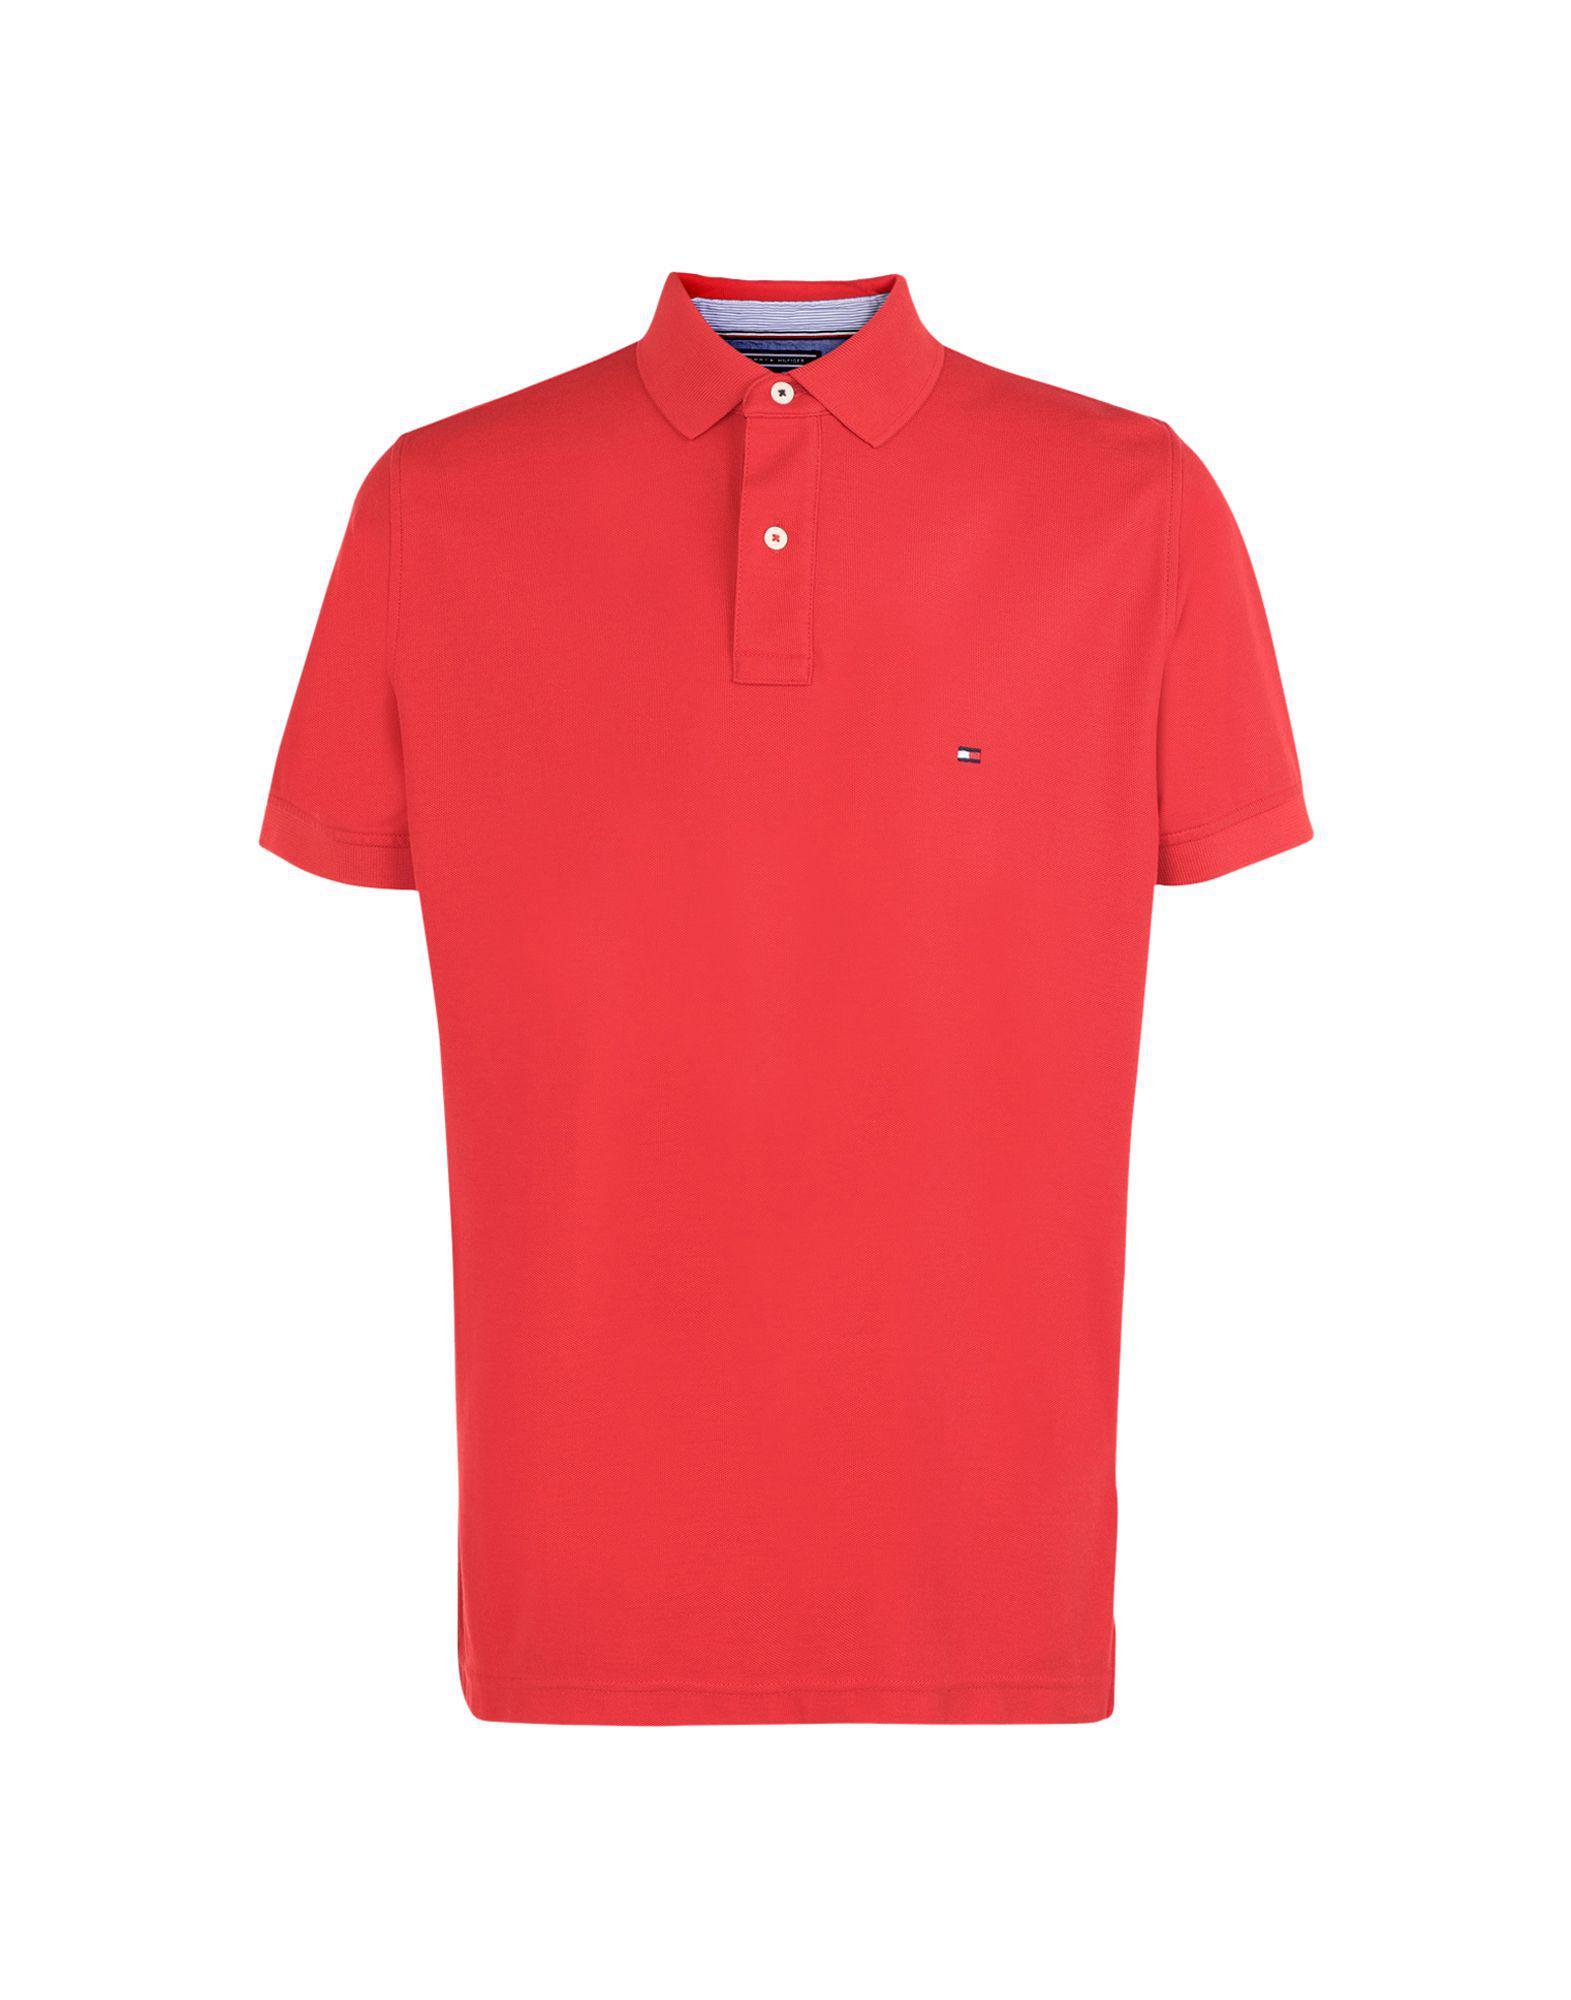 40b39664fbc0 Lyst - Polo Tommy Hilfiger pour homme en coloris Rouge